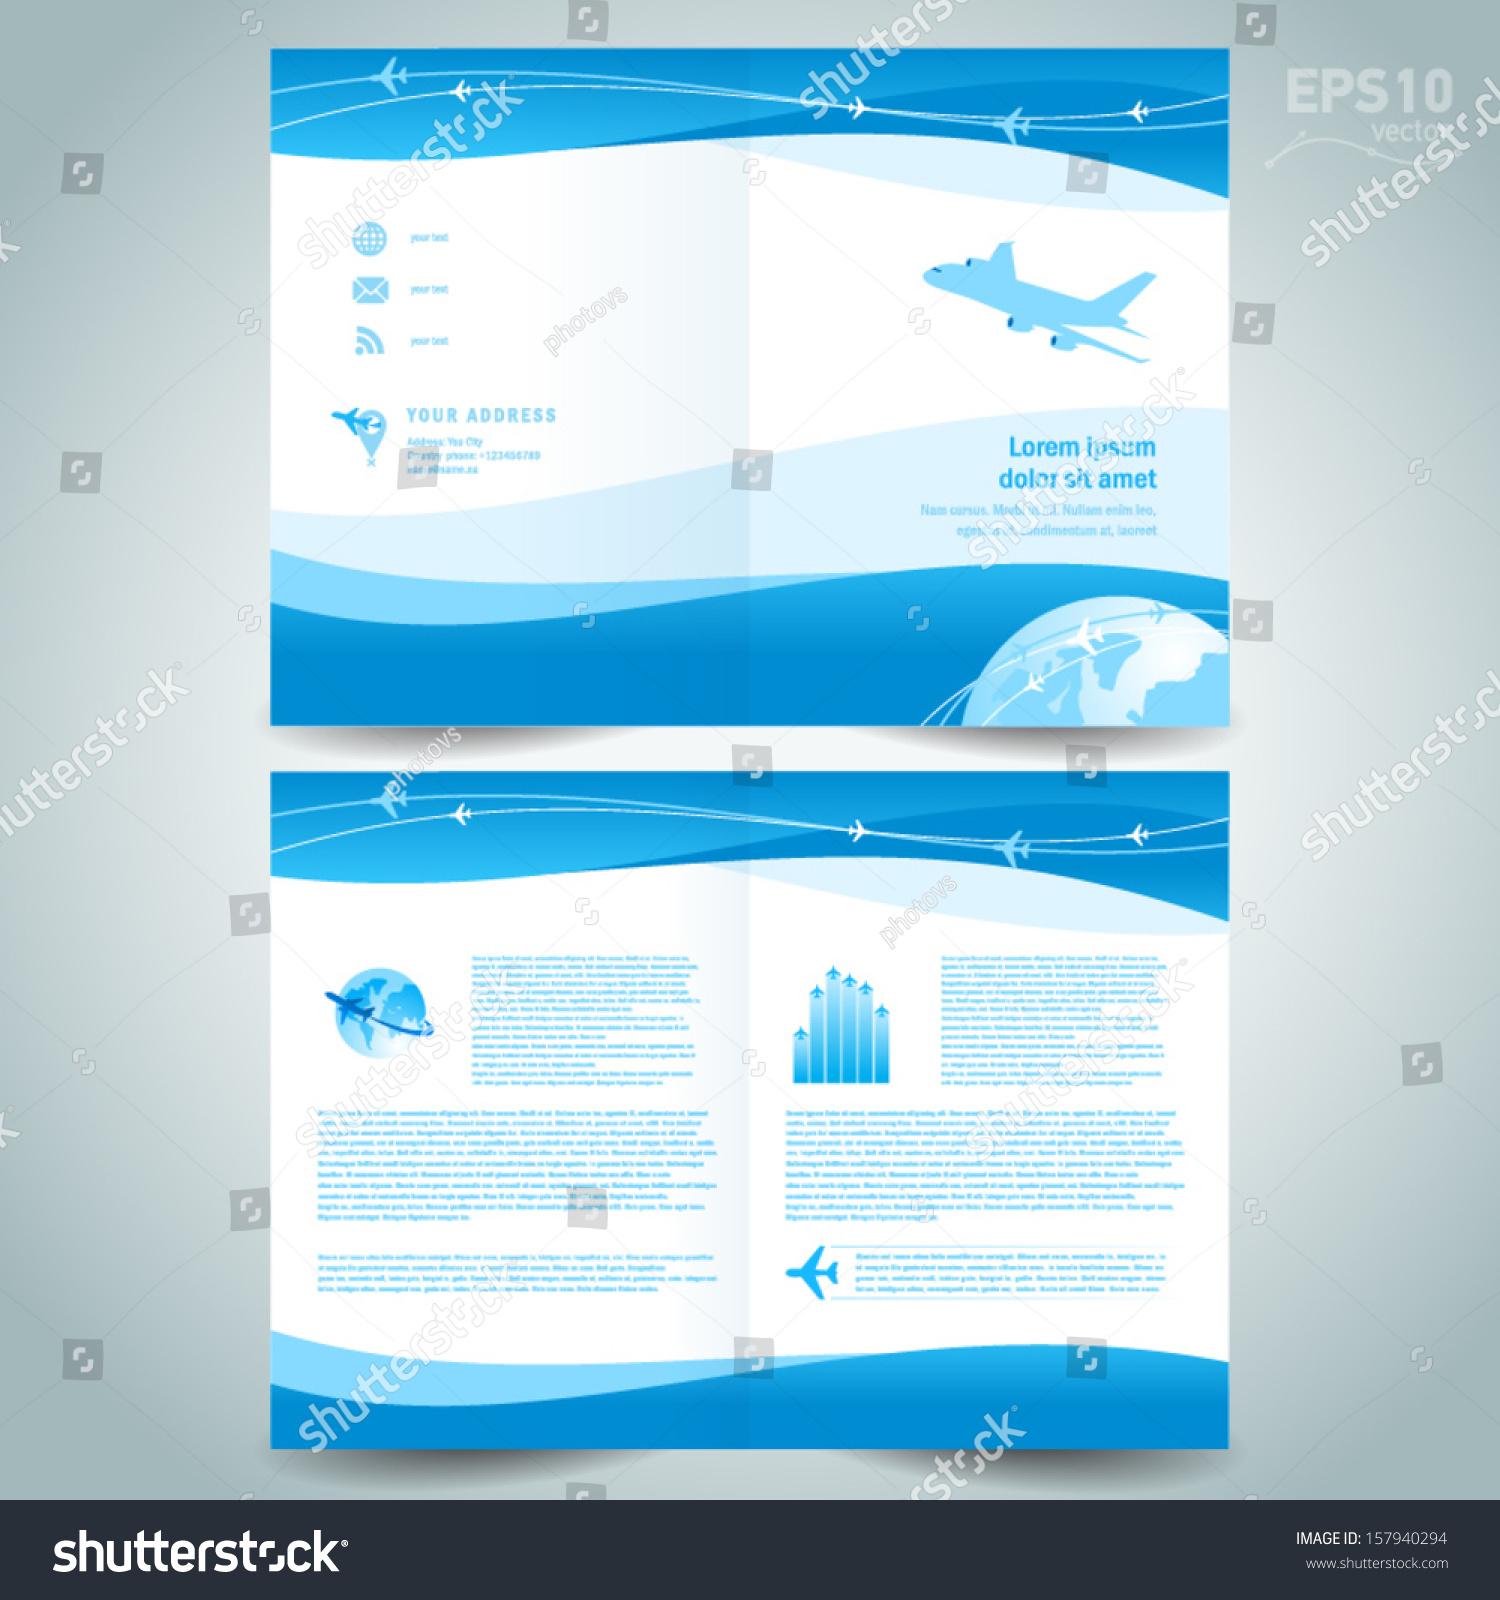 booklet design template catalog brochure folder stock vector 157940294 shutterstock. Black Bedroom Furniture Sets. Home Design Ideas